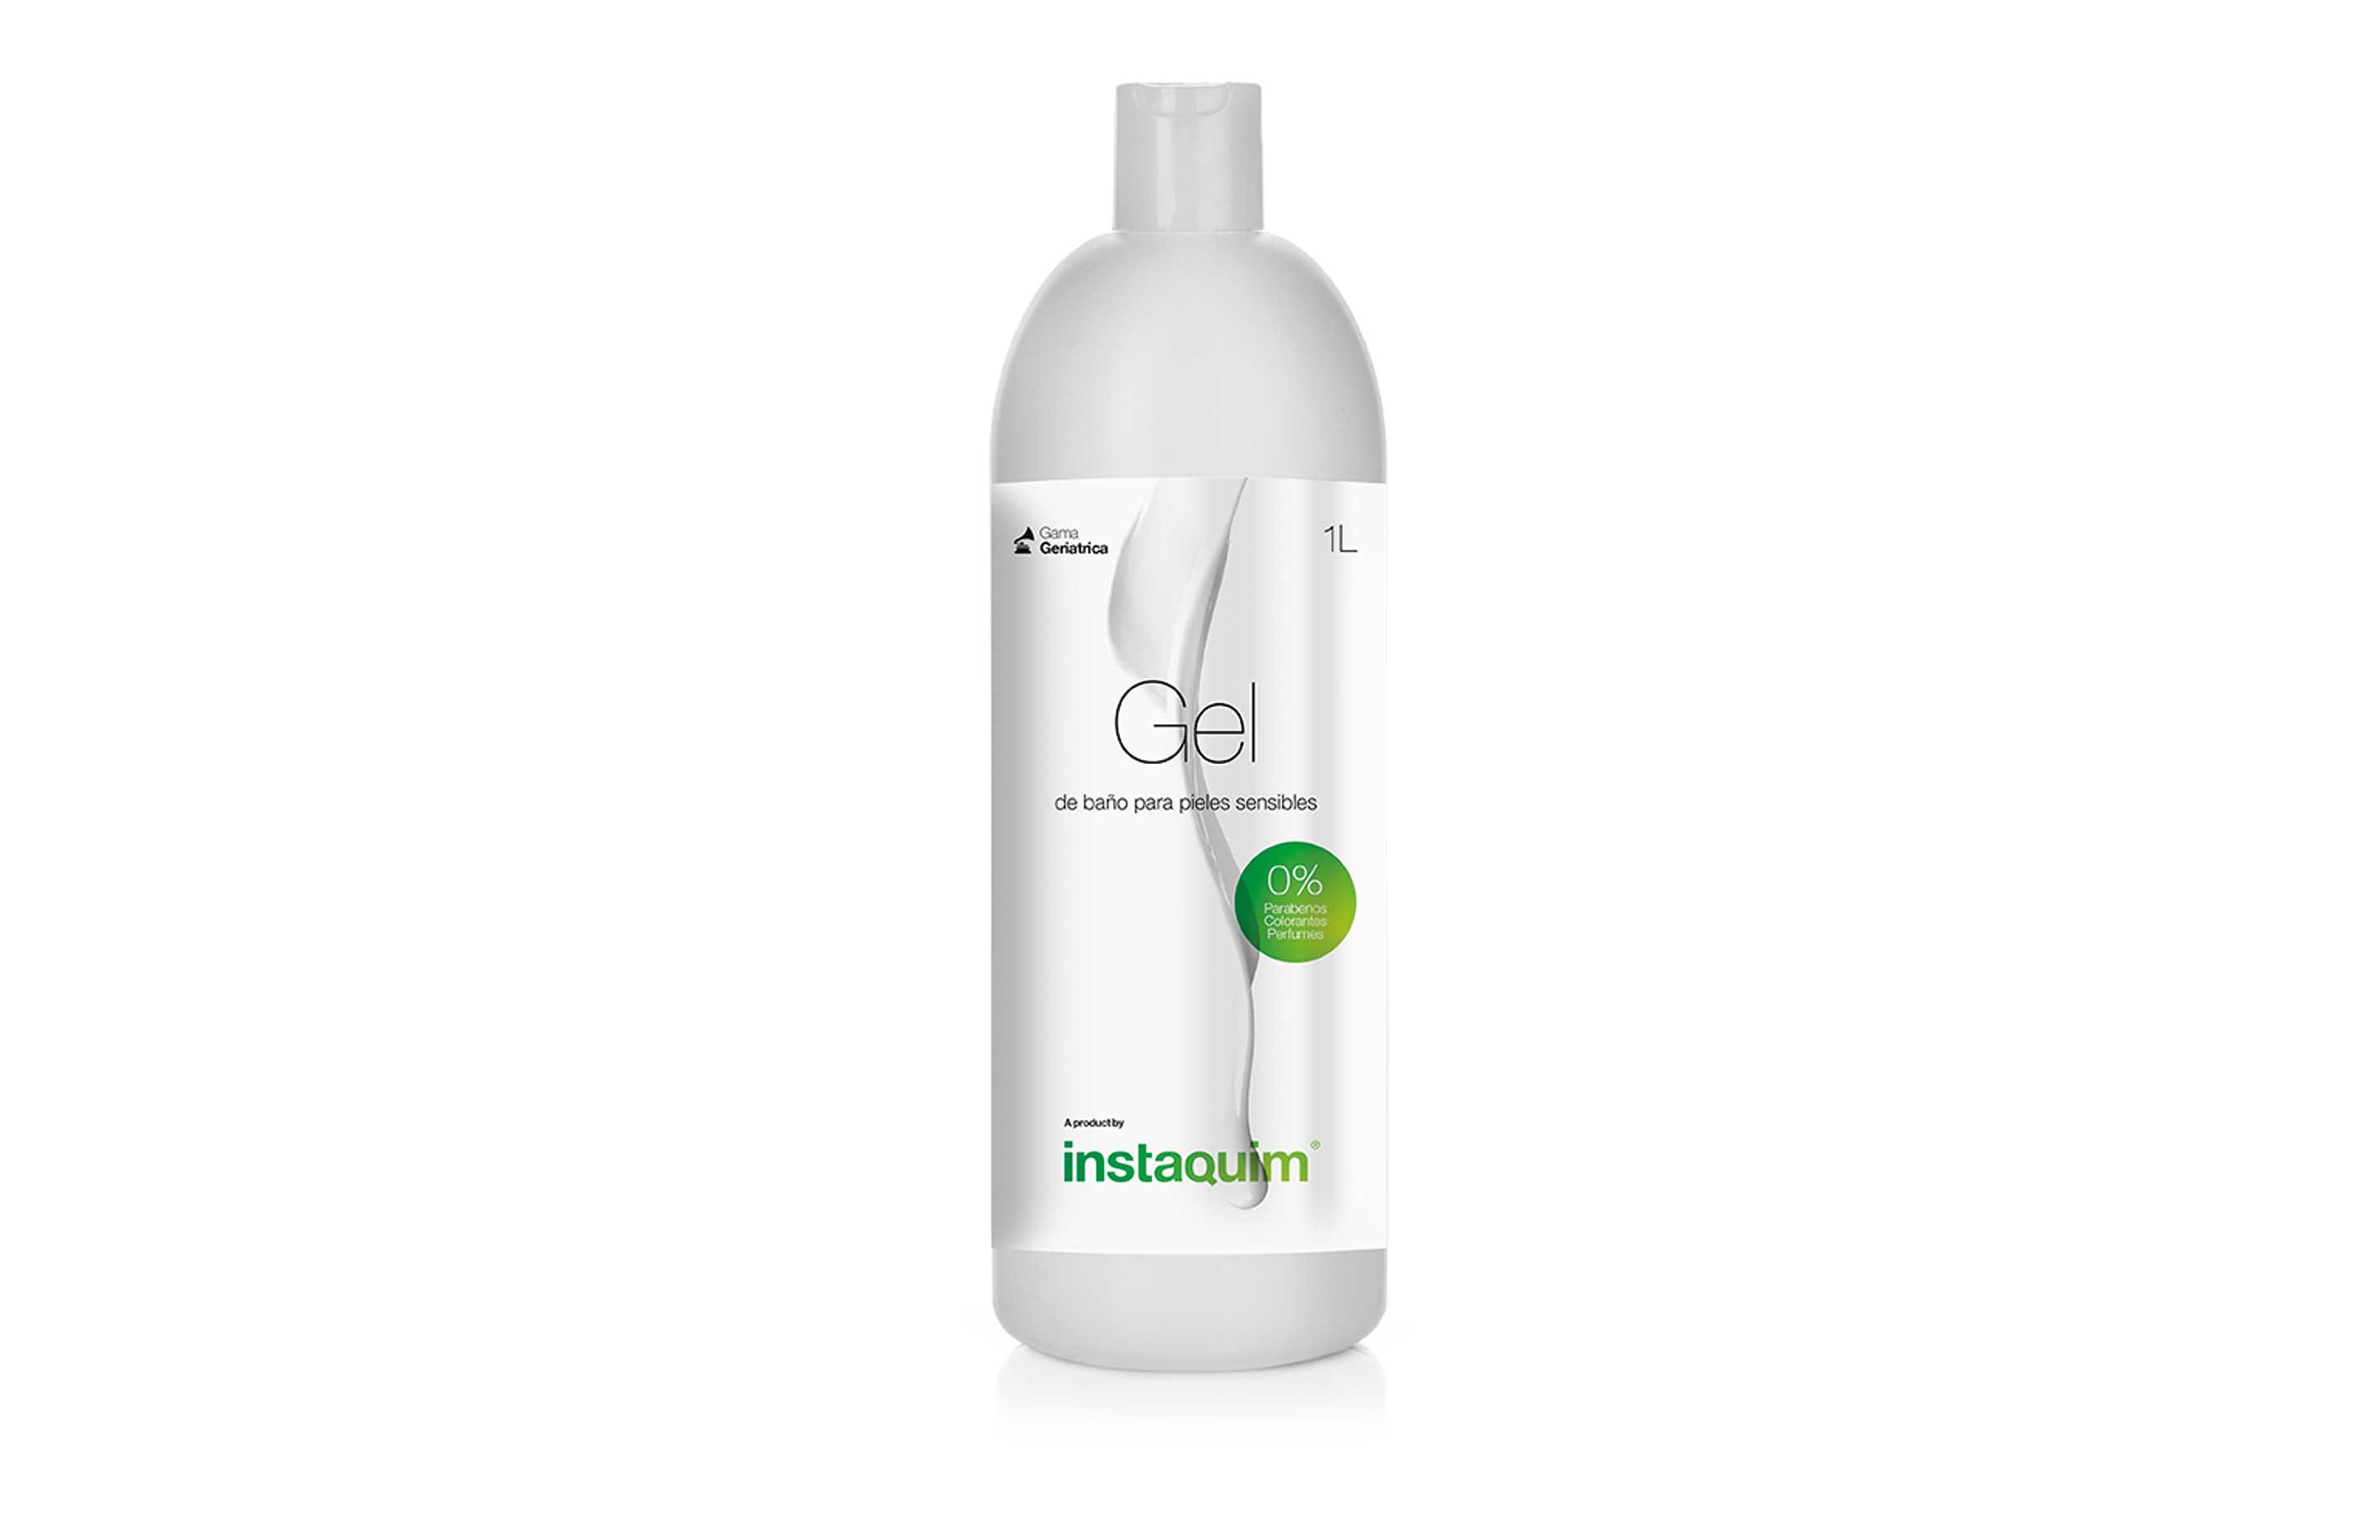 Gel de baño piel sensible 0%, Spécial pour peaux sensibles